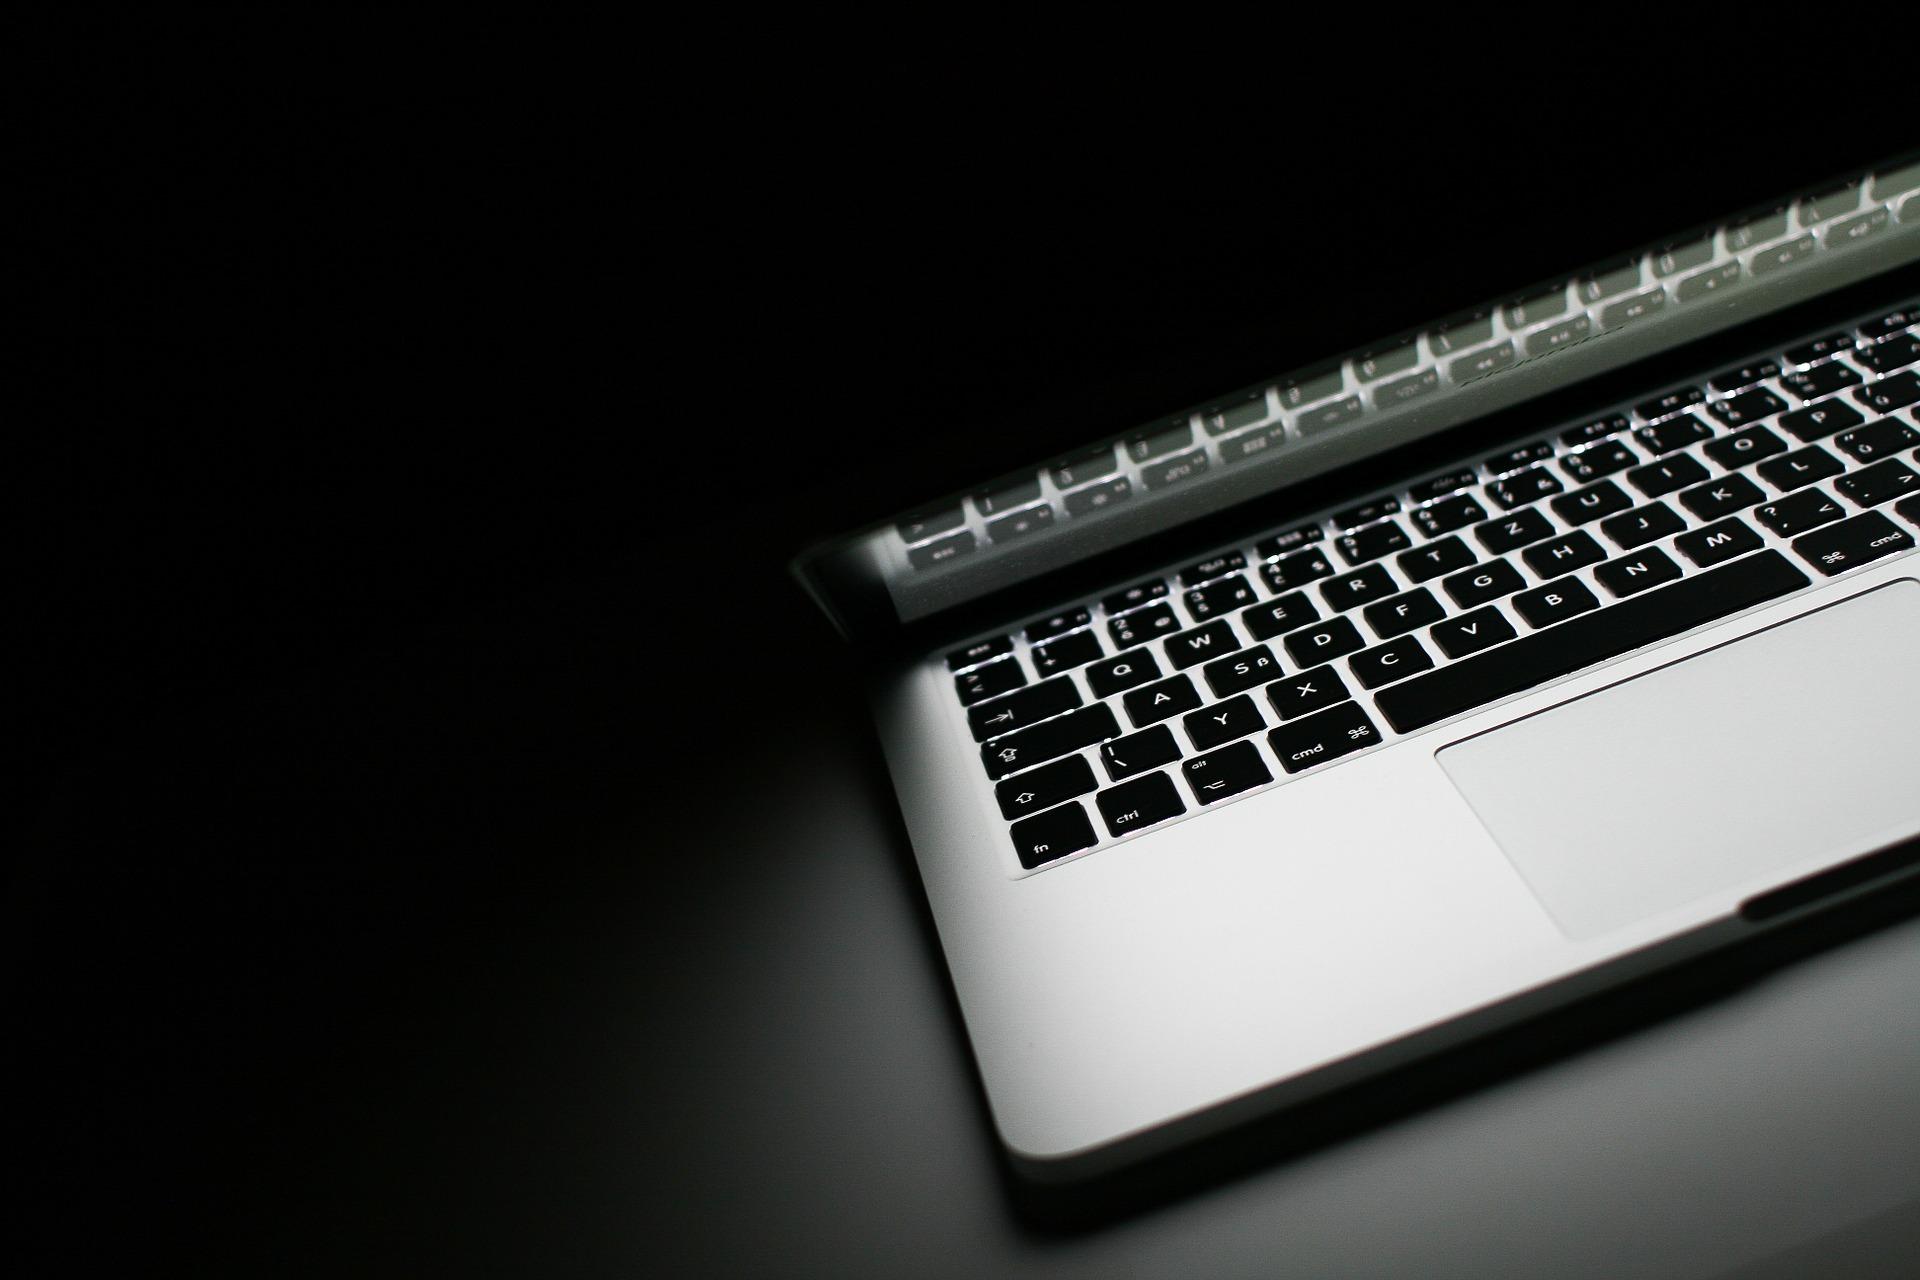 laptop-at-night-1114377_1920